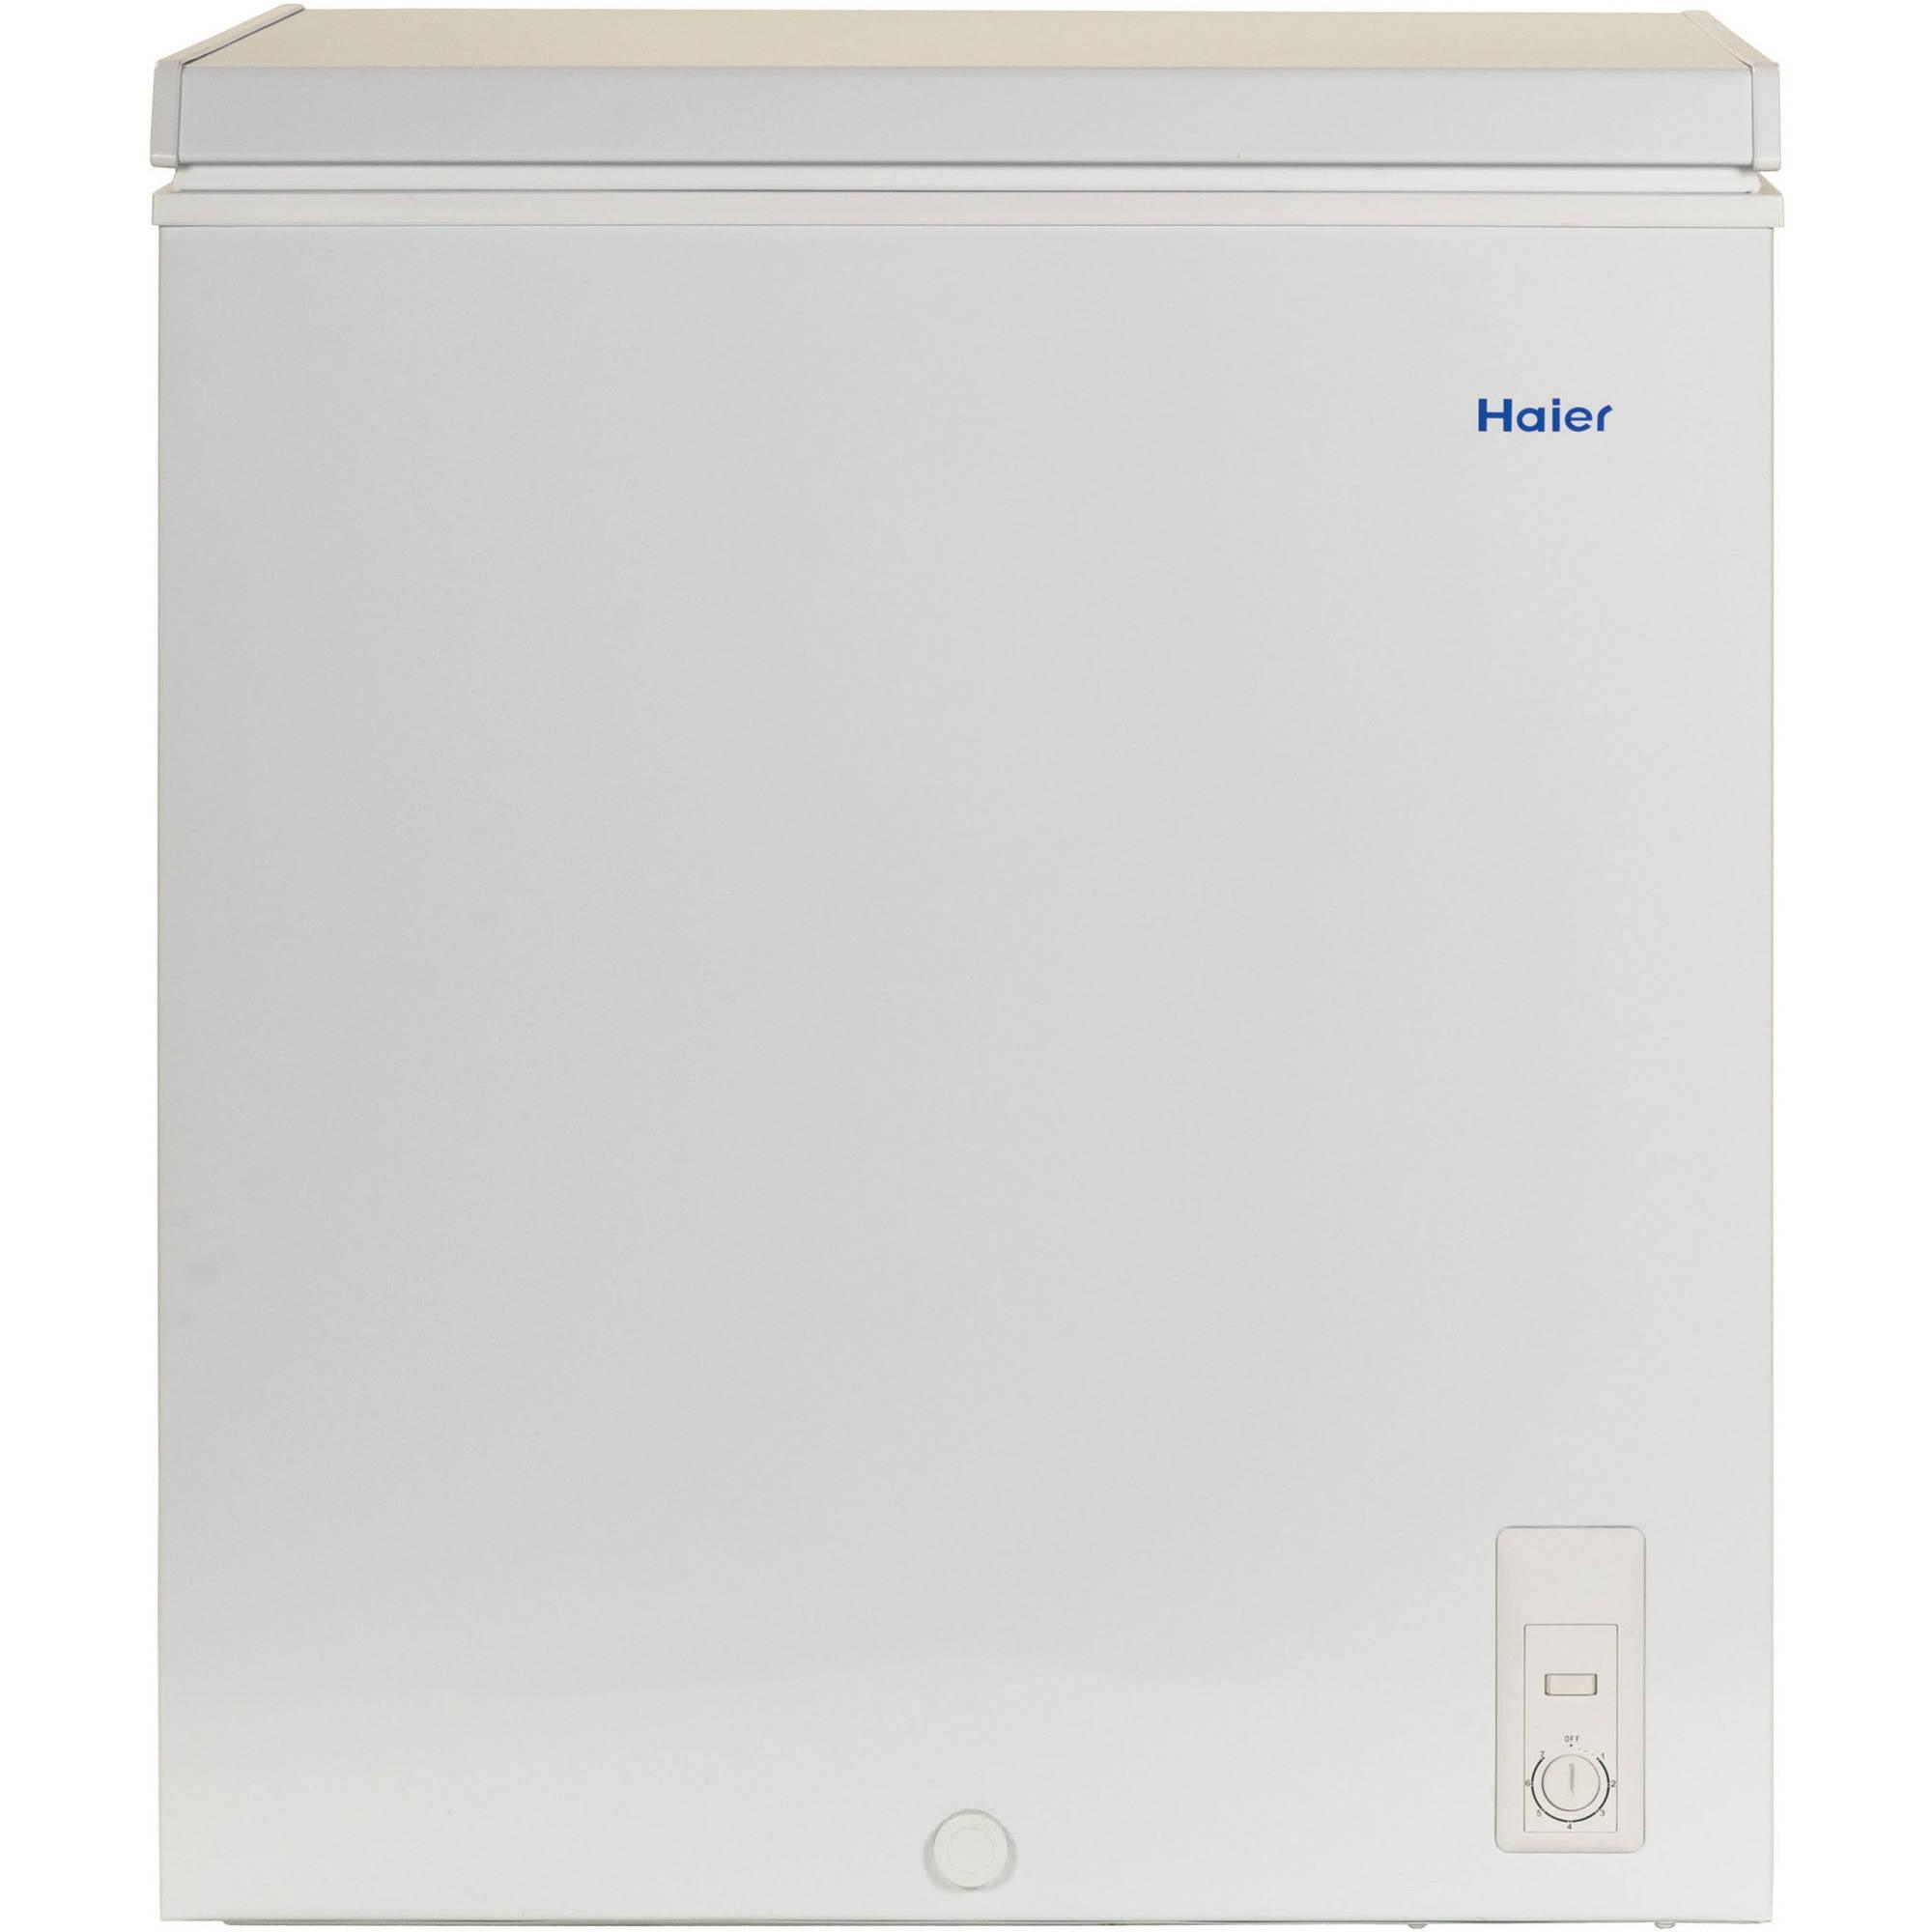 Haier 50 cuft Capacity Chest Freezer HF50CM23NW Walmartcom